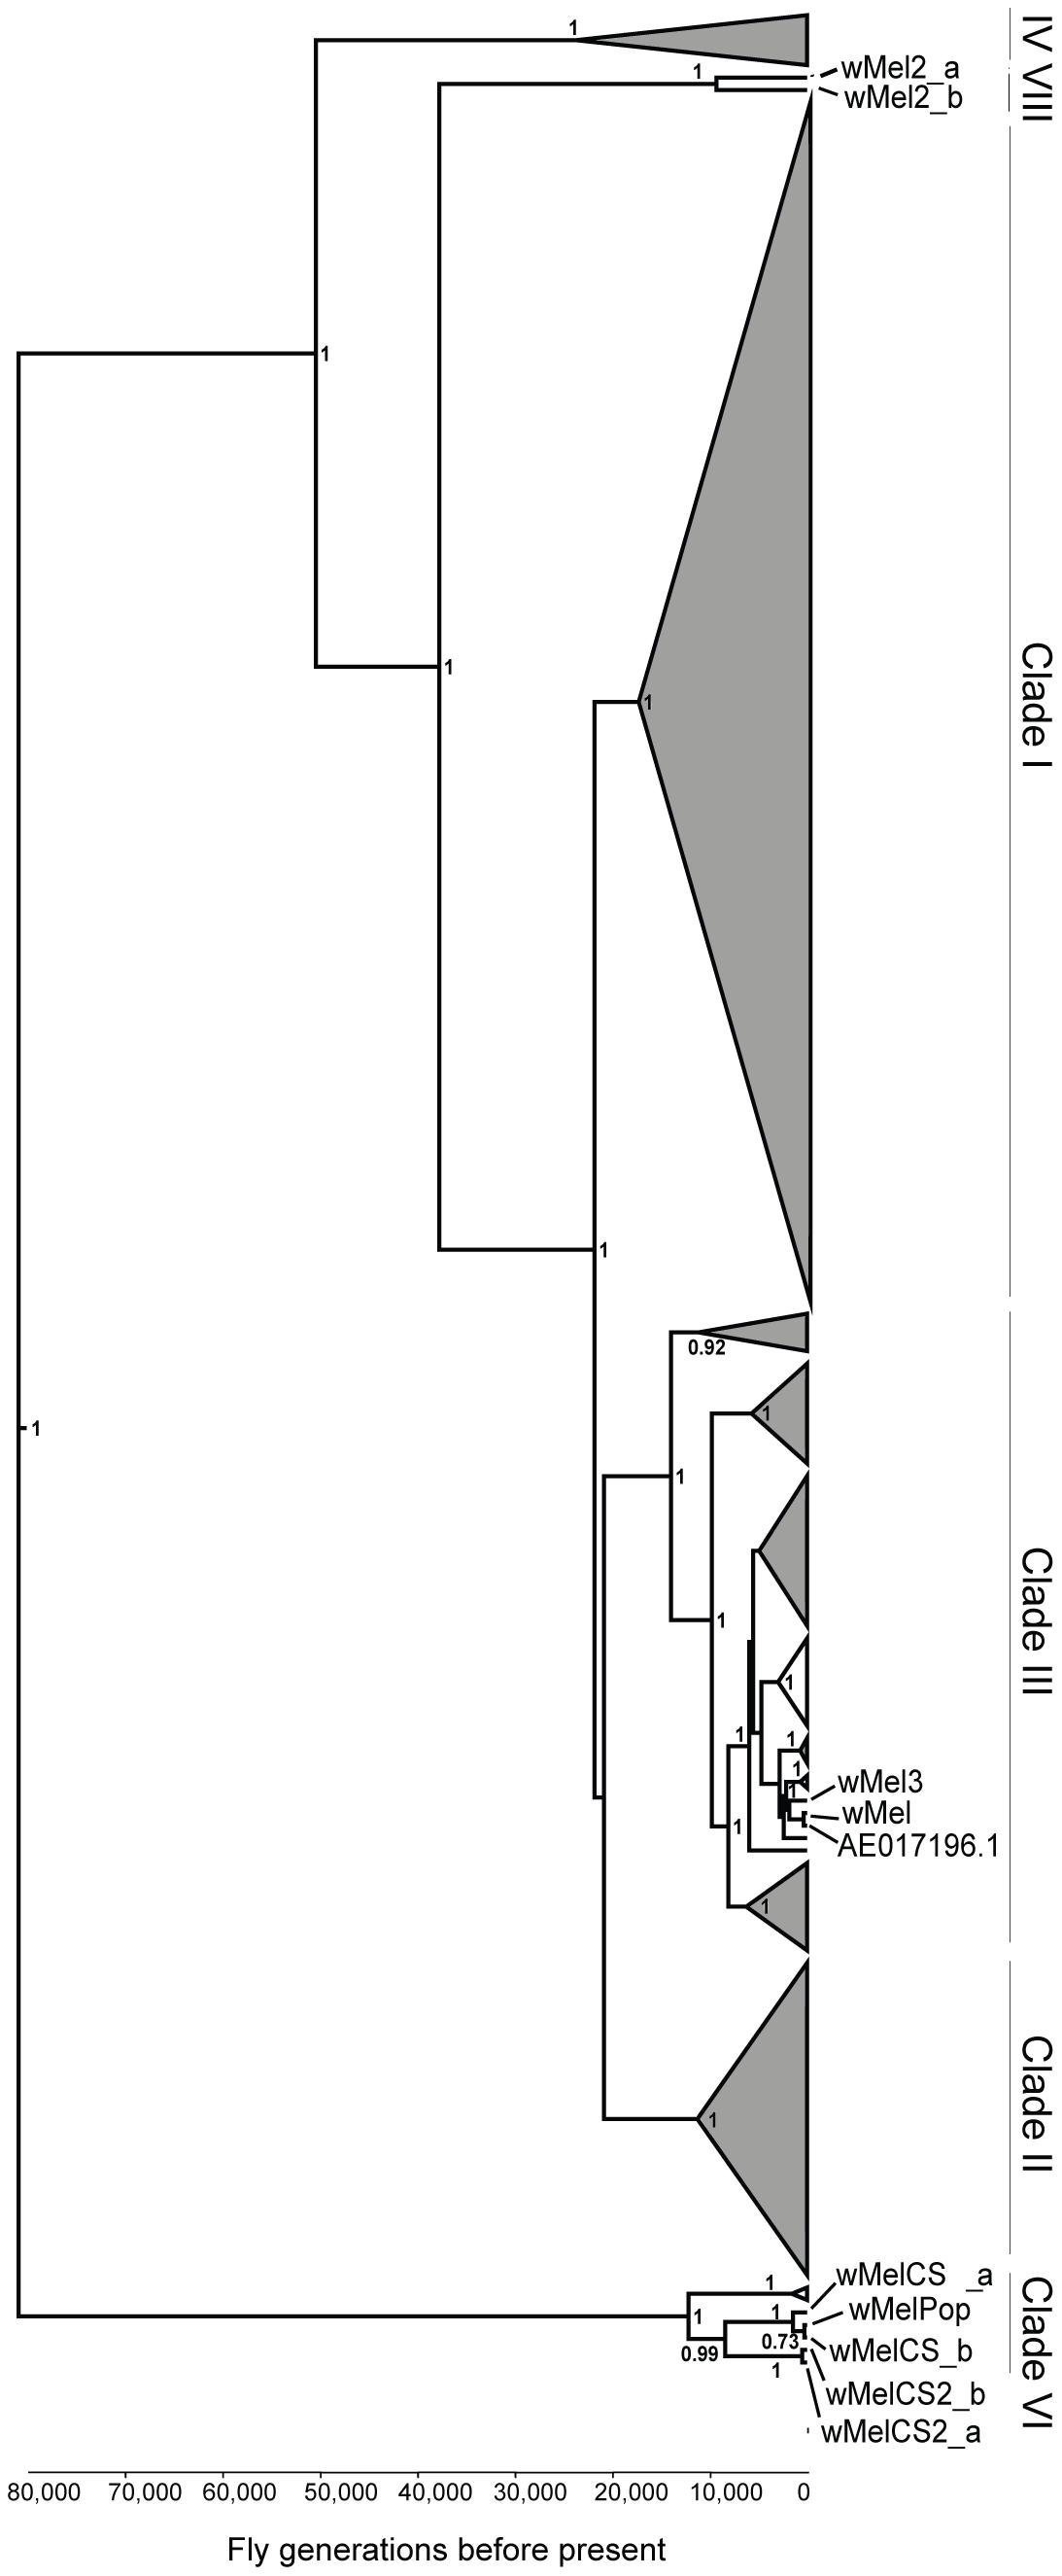 Phylogeny of wMel variants.